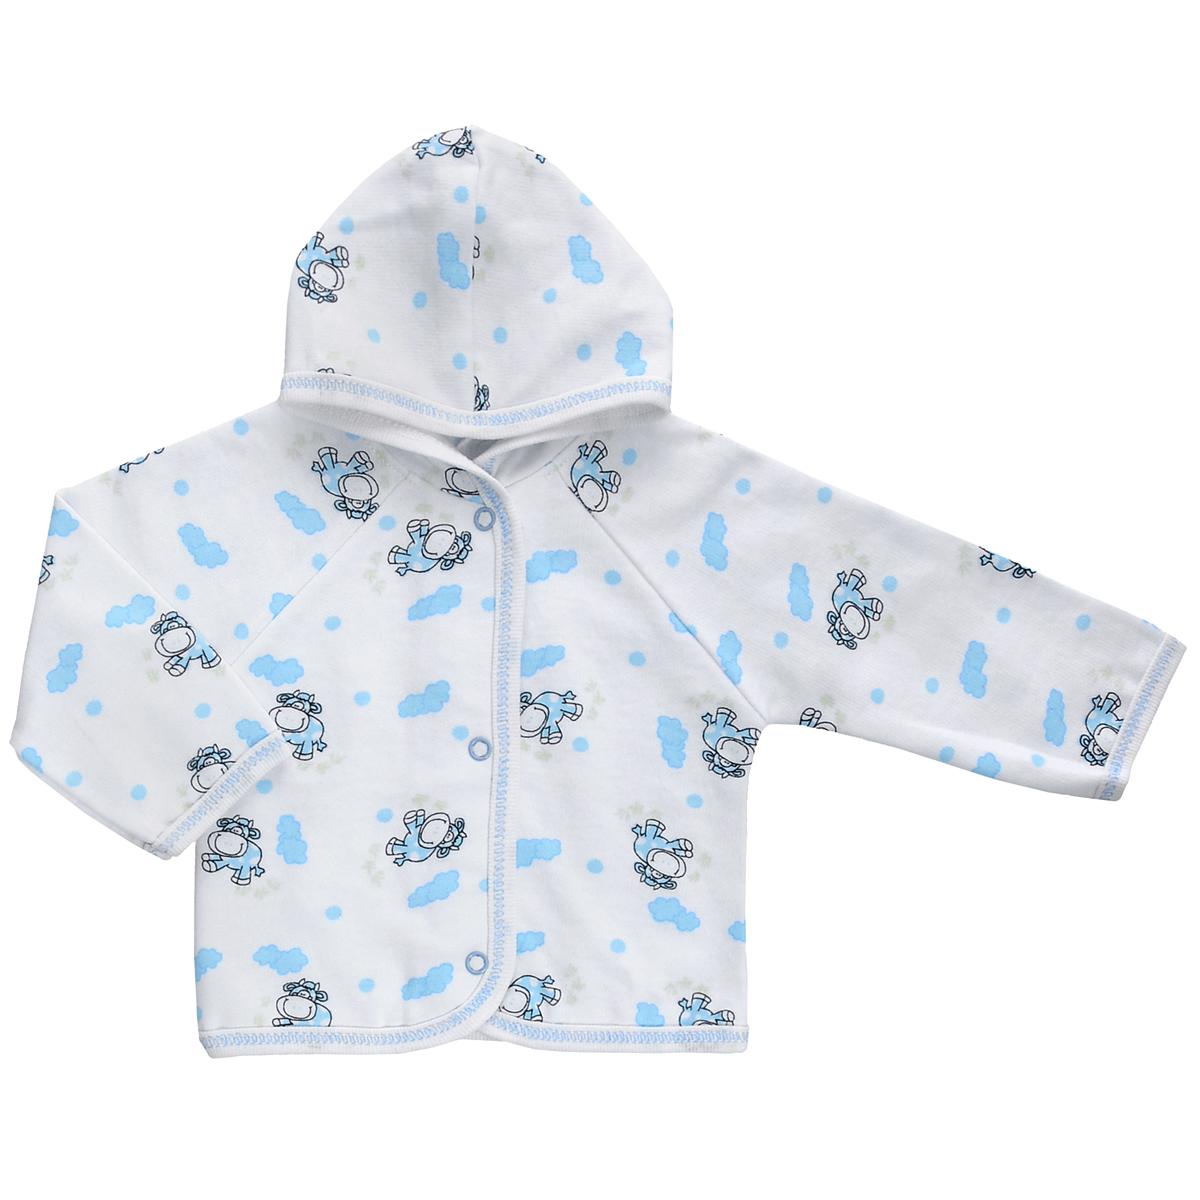 Распашонка5172Теплая кофточка Трон-плюс идеально подойдет вашему младенцу и станет идеальным дополнением к гардеробу вашего ребенка, обеспечивая ему наибольший комфорт. Изготовленная из футера - натурального хлопка, она необычайно мягкая и легкая, не раздражает нежную кожу ребенка и хорошо вентилируется, а эластичные швы приятны телу малыша и не препятствуют его движениям. Удобные застежки-кнопки по всей длине помогают легко переодеть младенца. Модель с длинными рукавами-реглан дополнена капюшоном. По краям кофточка обработана бейкой и украшена оригинальным принтом. Кофточка полностью соответствует особенностям жизни ребенка в ранний период, не стесняя и не ограничивая его в движениях.